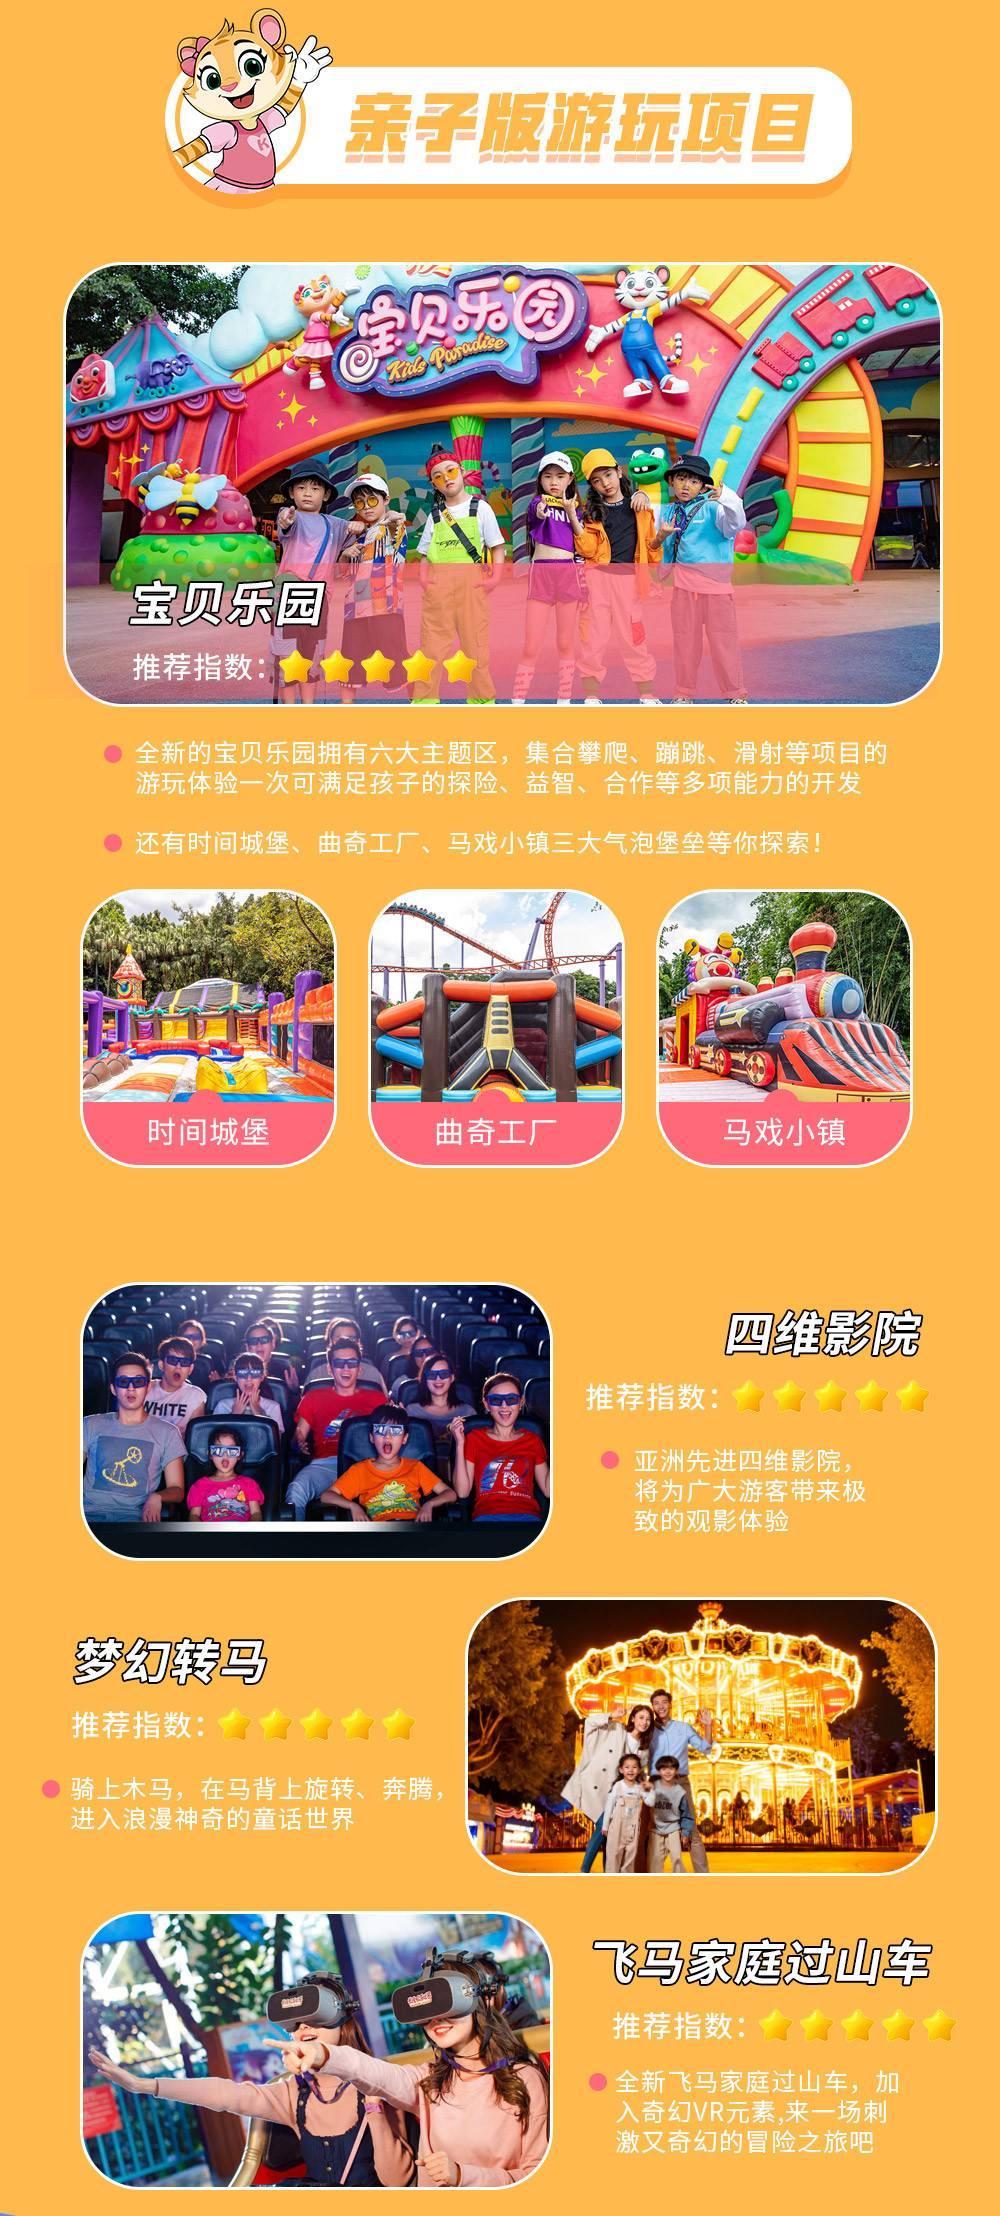 【一票多园两日无限次】广州长隆酒店/广州长隆熊猫酒店2店任选仅986起、珍稀动物、欢乐机动游戏应有尽有!